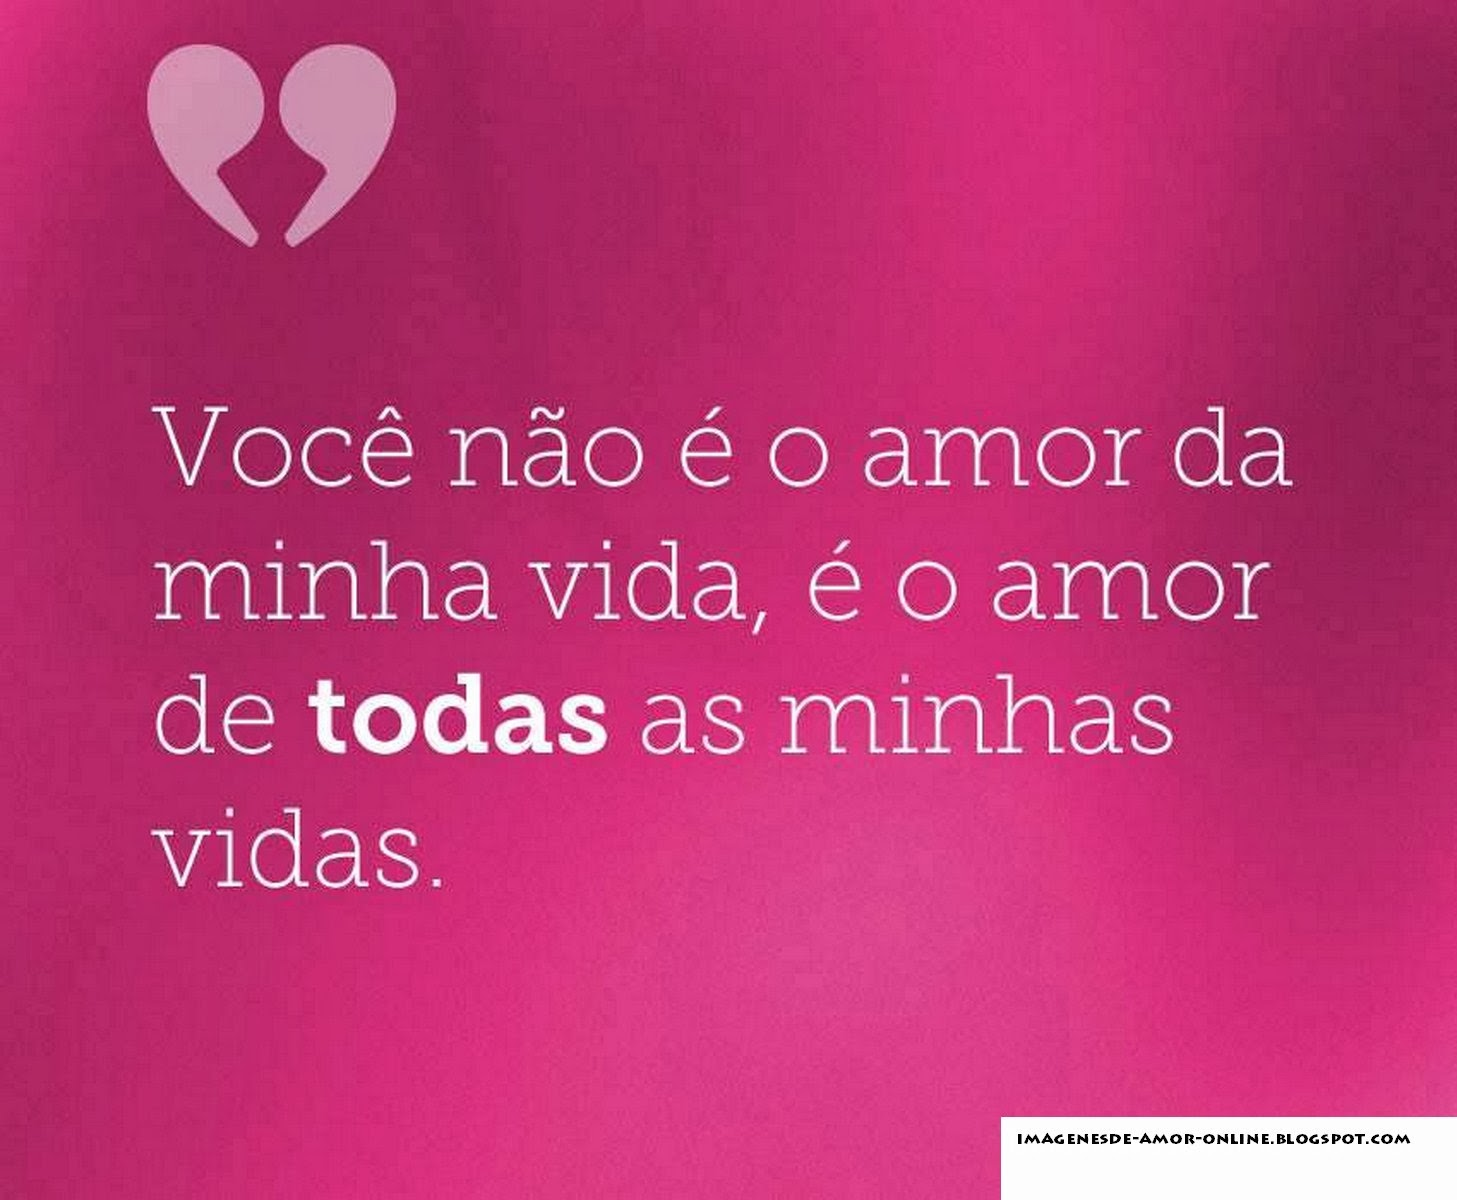 imagens de amor em portugues rom¢ntico partilhando